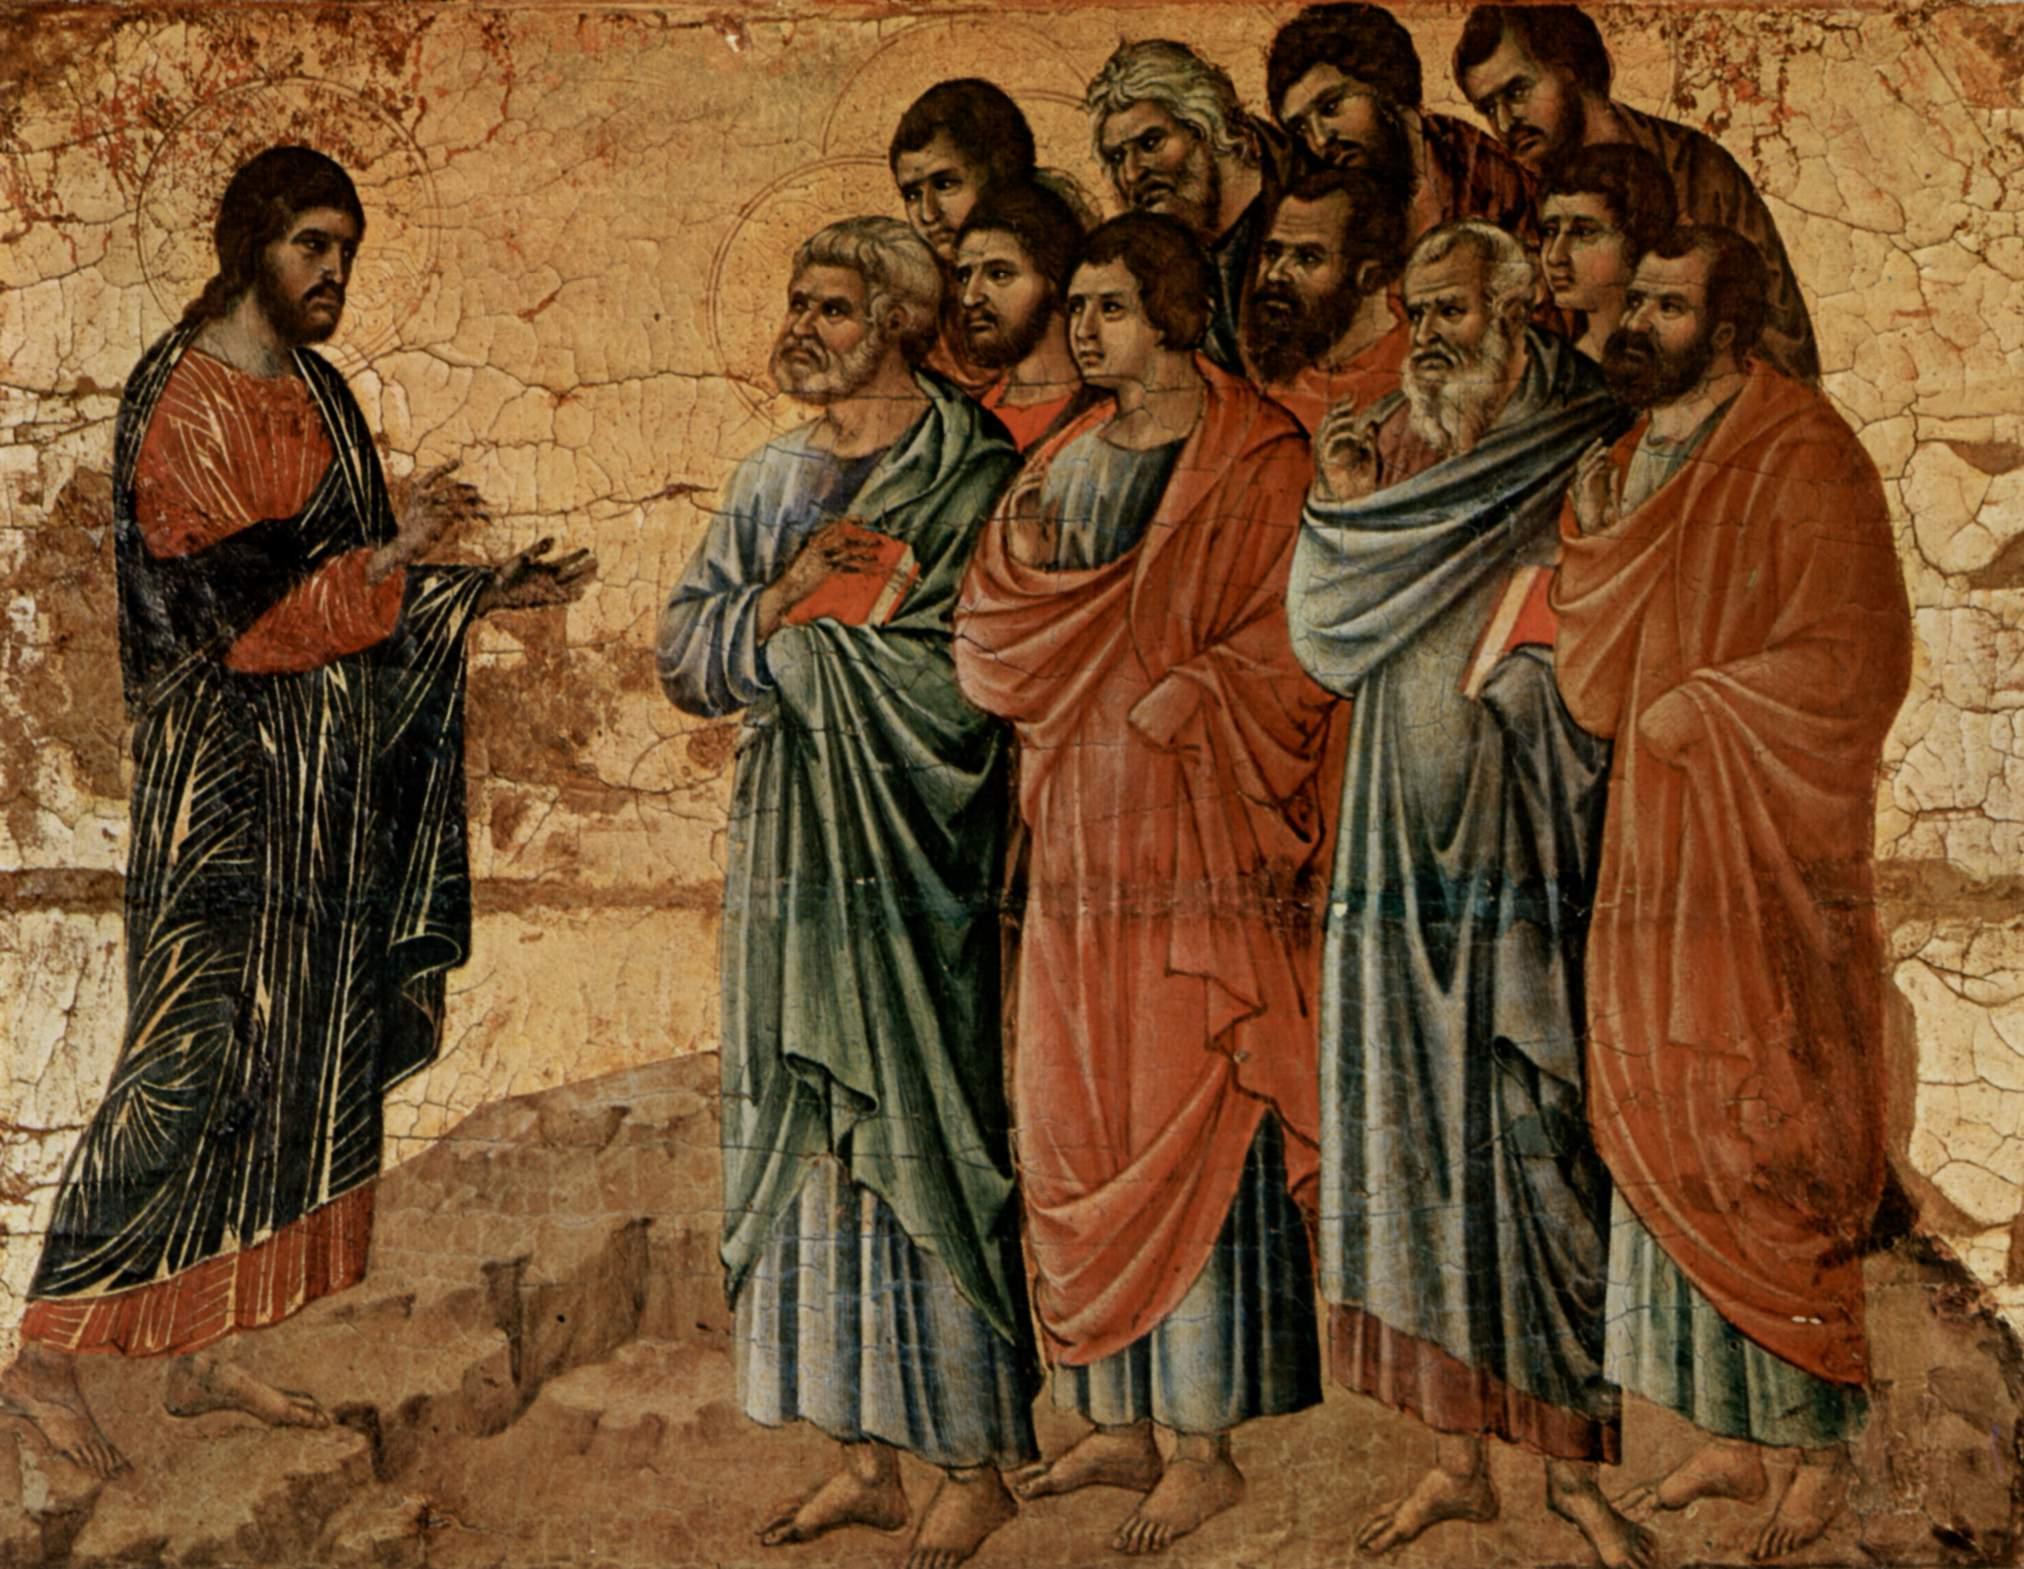 Маэста, алтарь сиенского кафедрального собора, оборотная сторона, Явление Христа на горе Галилейской, Дуччо ди Буонинсенья